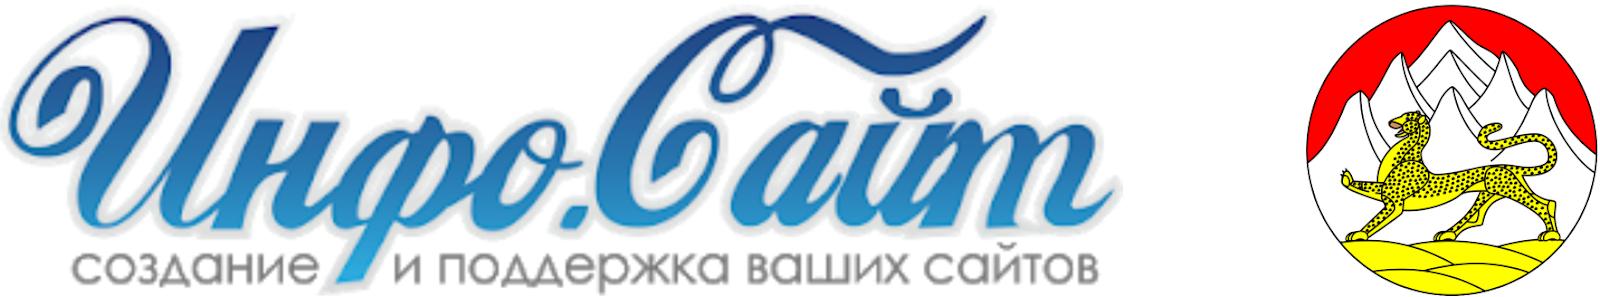 Северная Осетия 🌍 Новости : Информационный агрегатор Инфо-Сайт